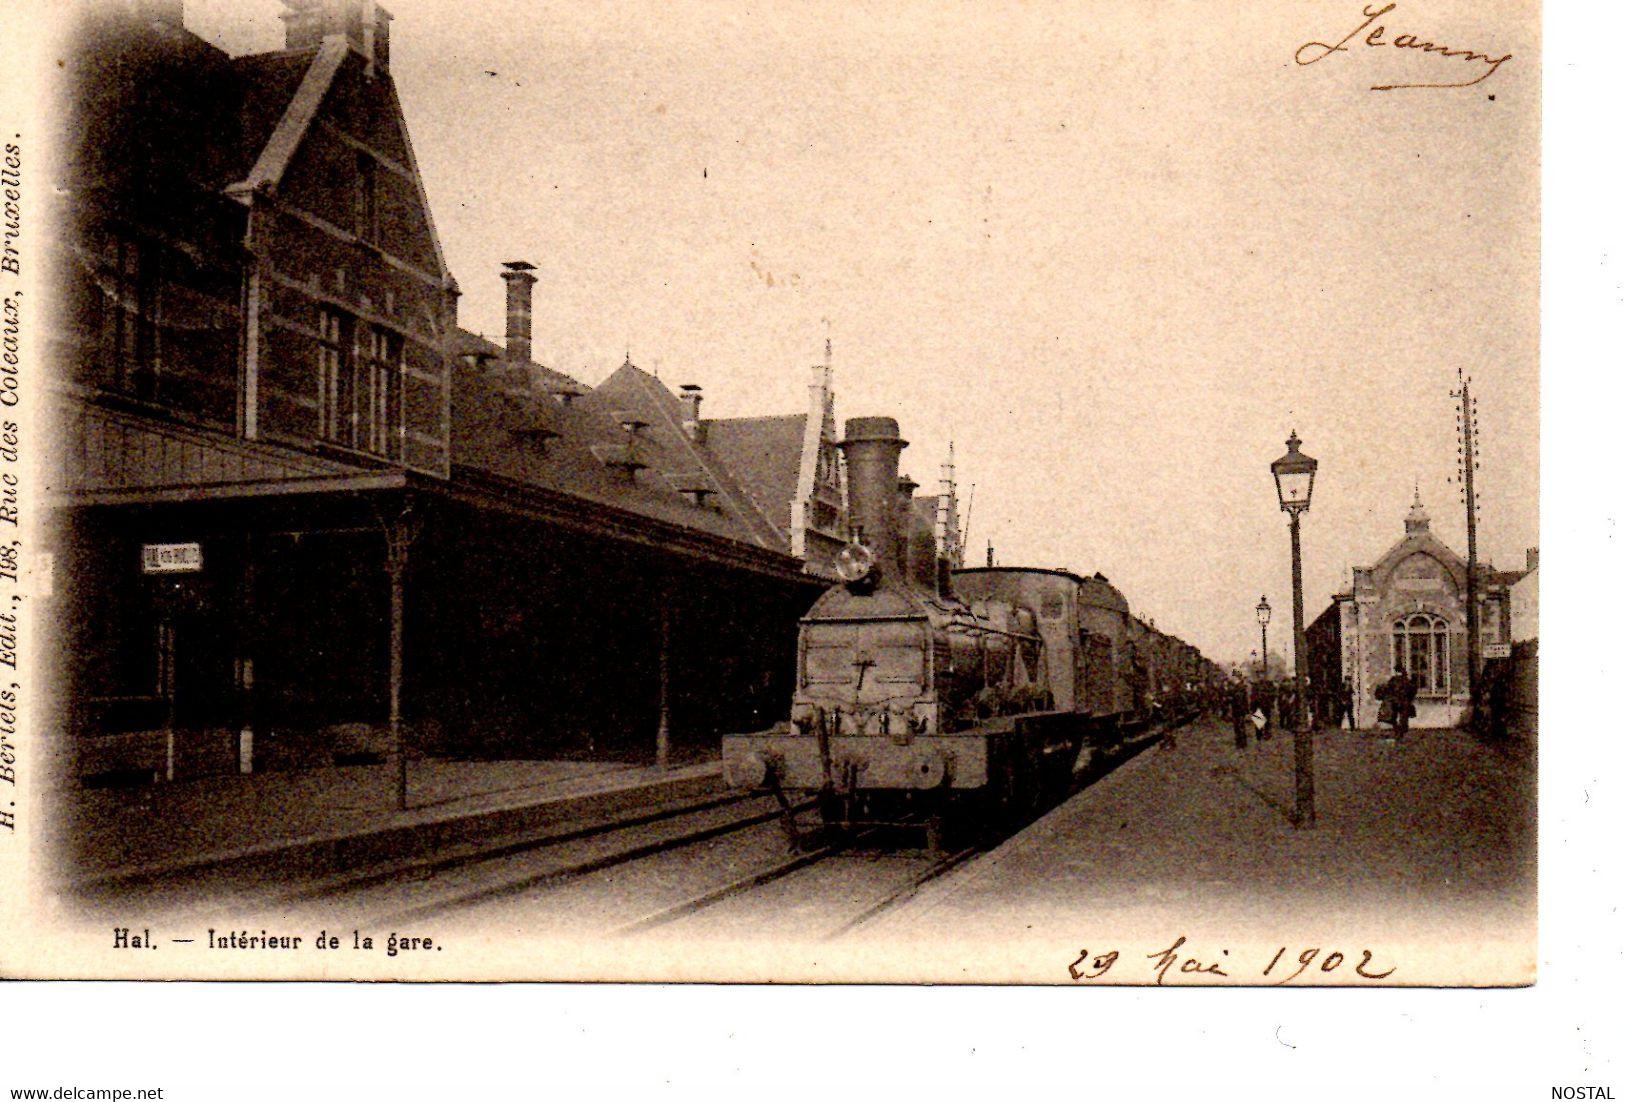 Hal: Intérieur De La Gare - Halle